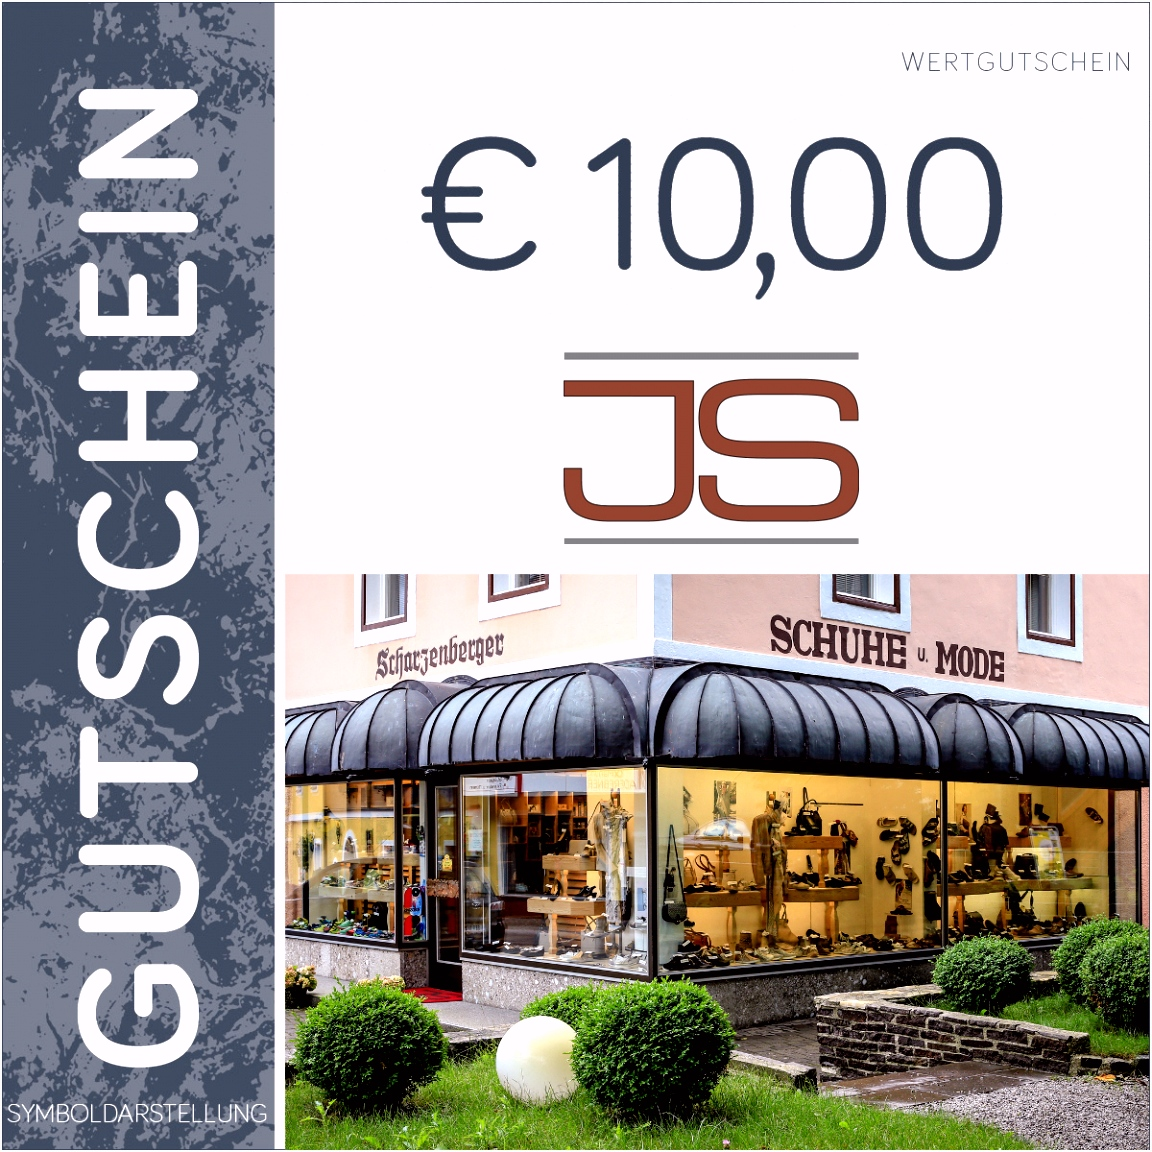 10 Euro Gutschein Schuhhaus Scharzenberger